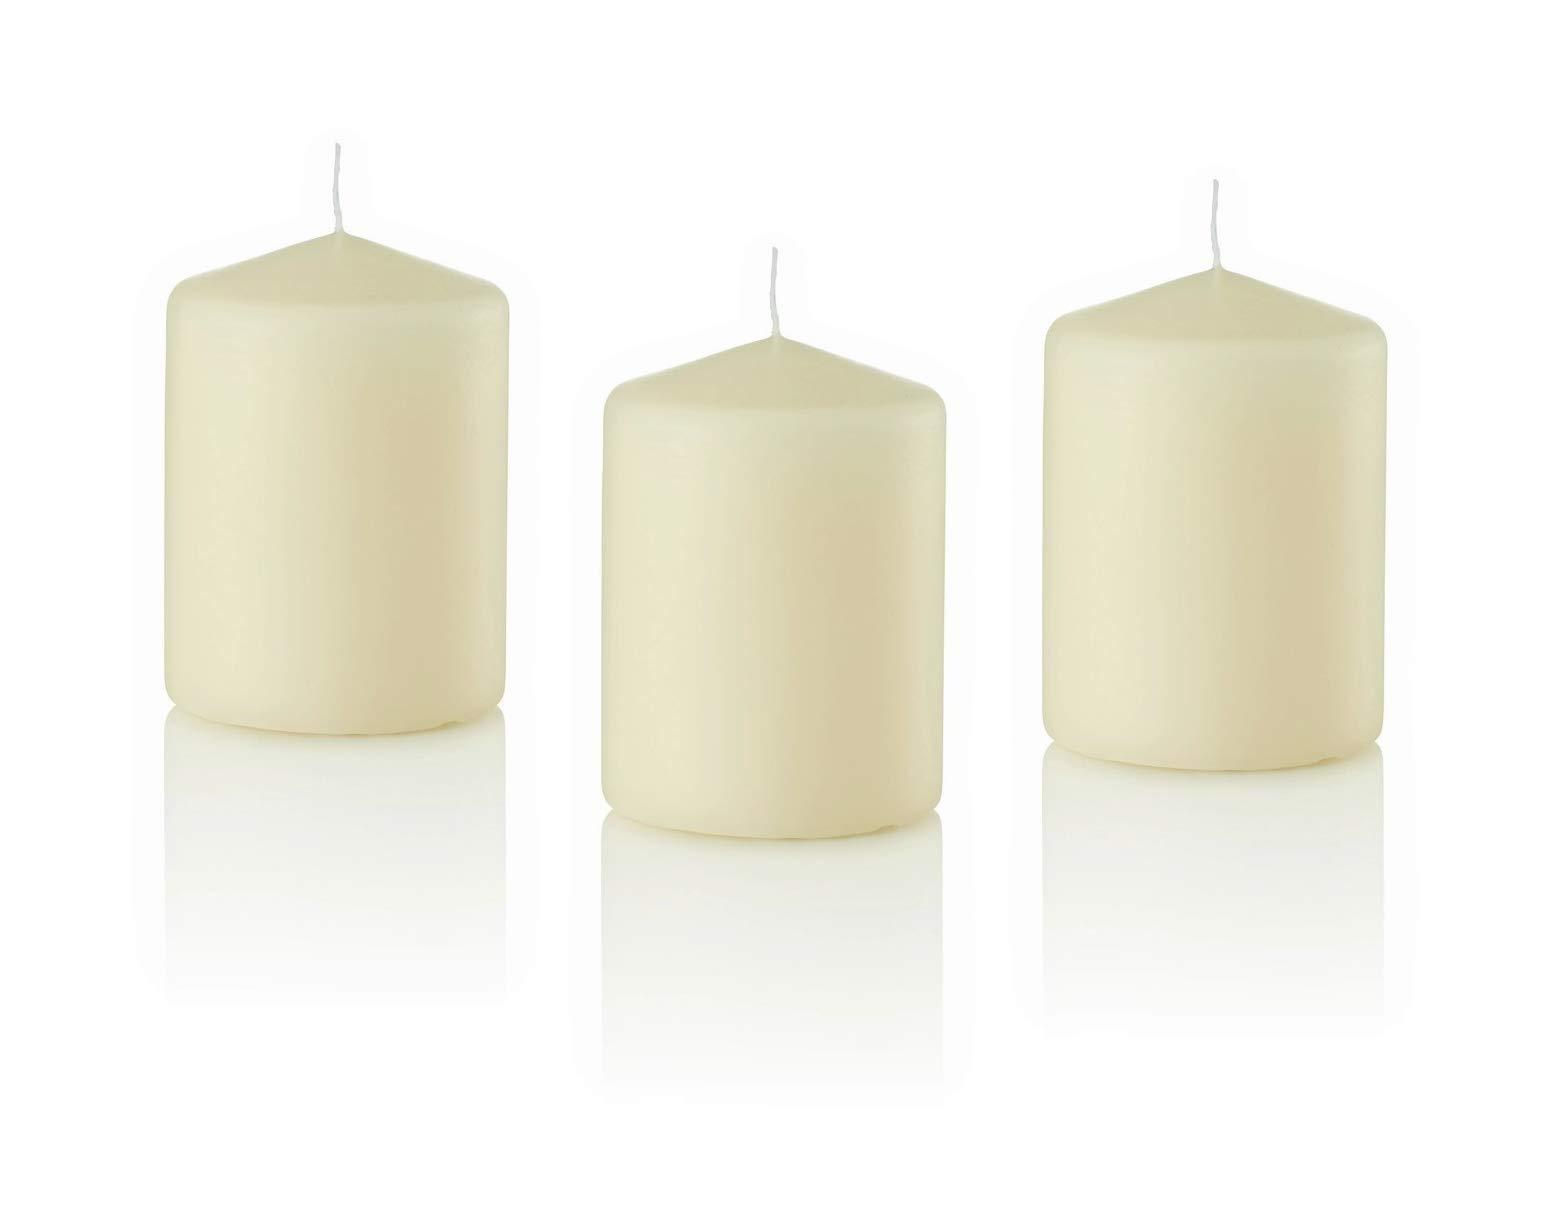 D'light Online 3 X 4 Pillar Candles Bulk Event Pack Round Unscented Ivory Pillar Candles Qty 12 - (Ivory)